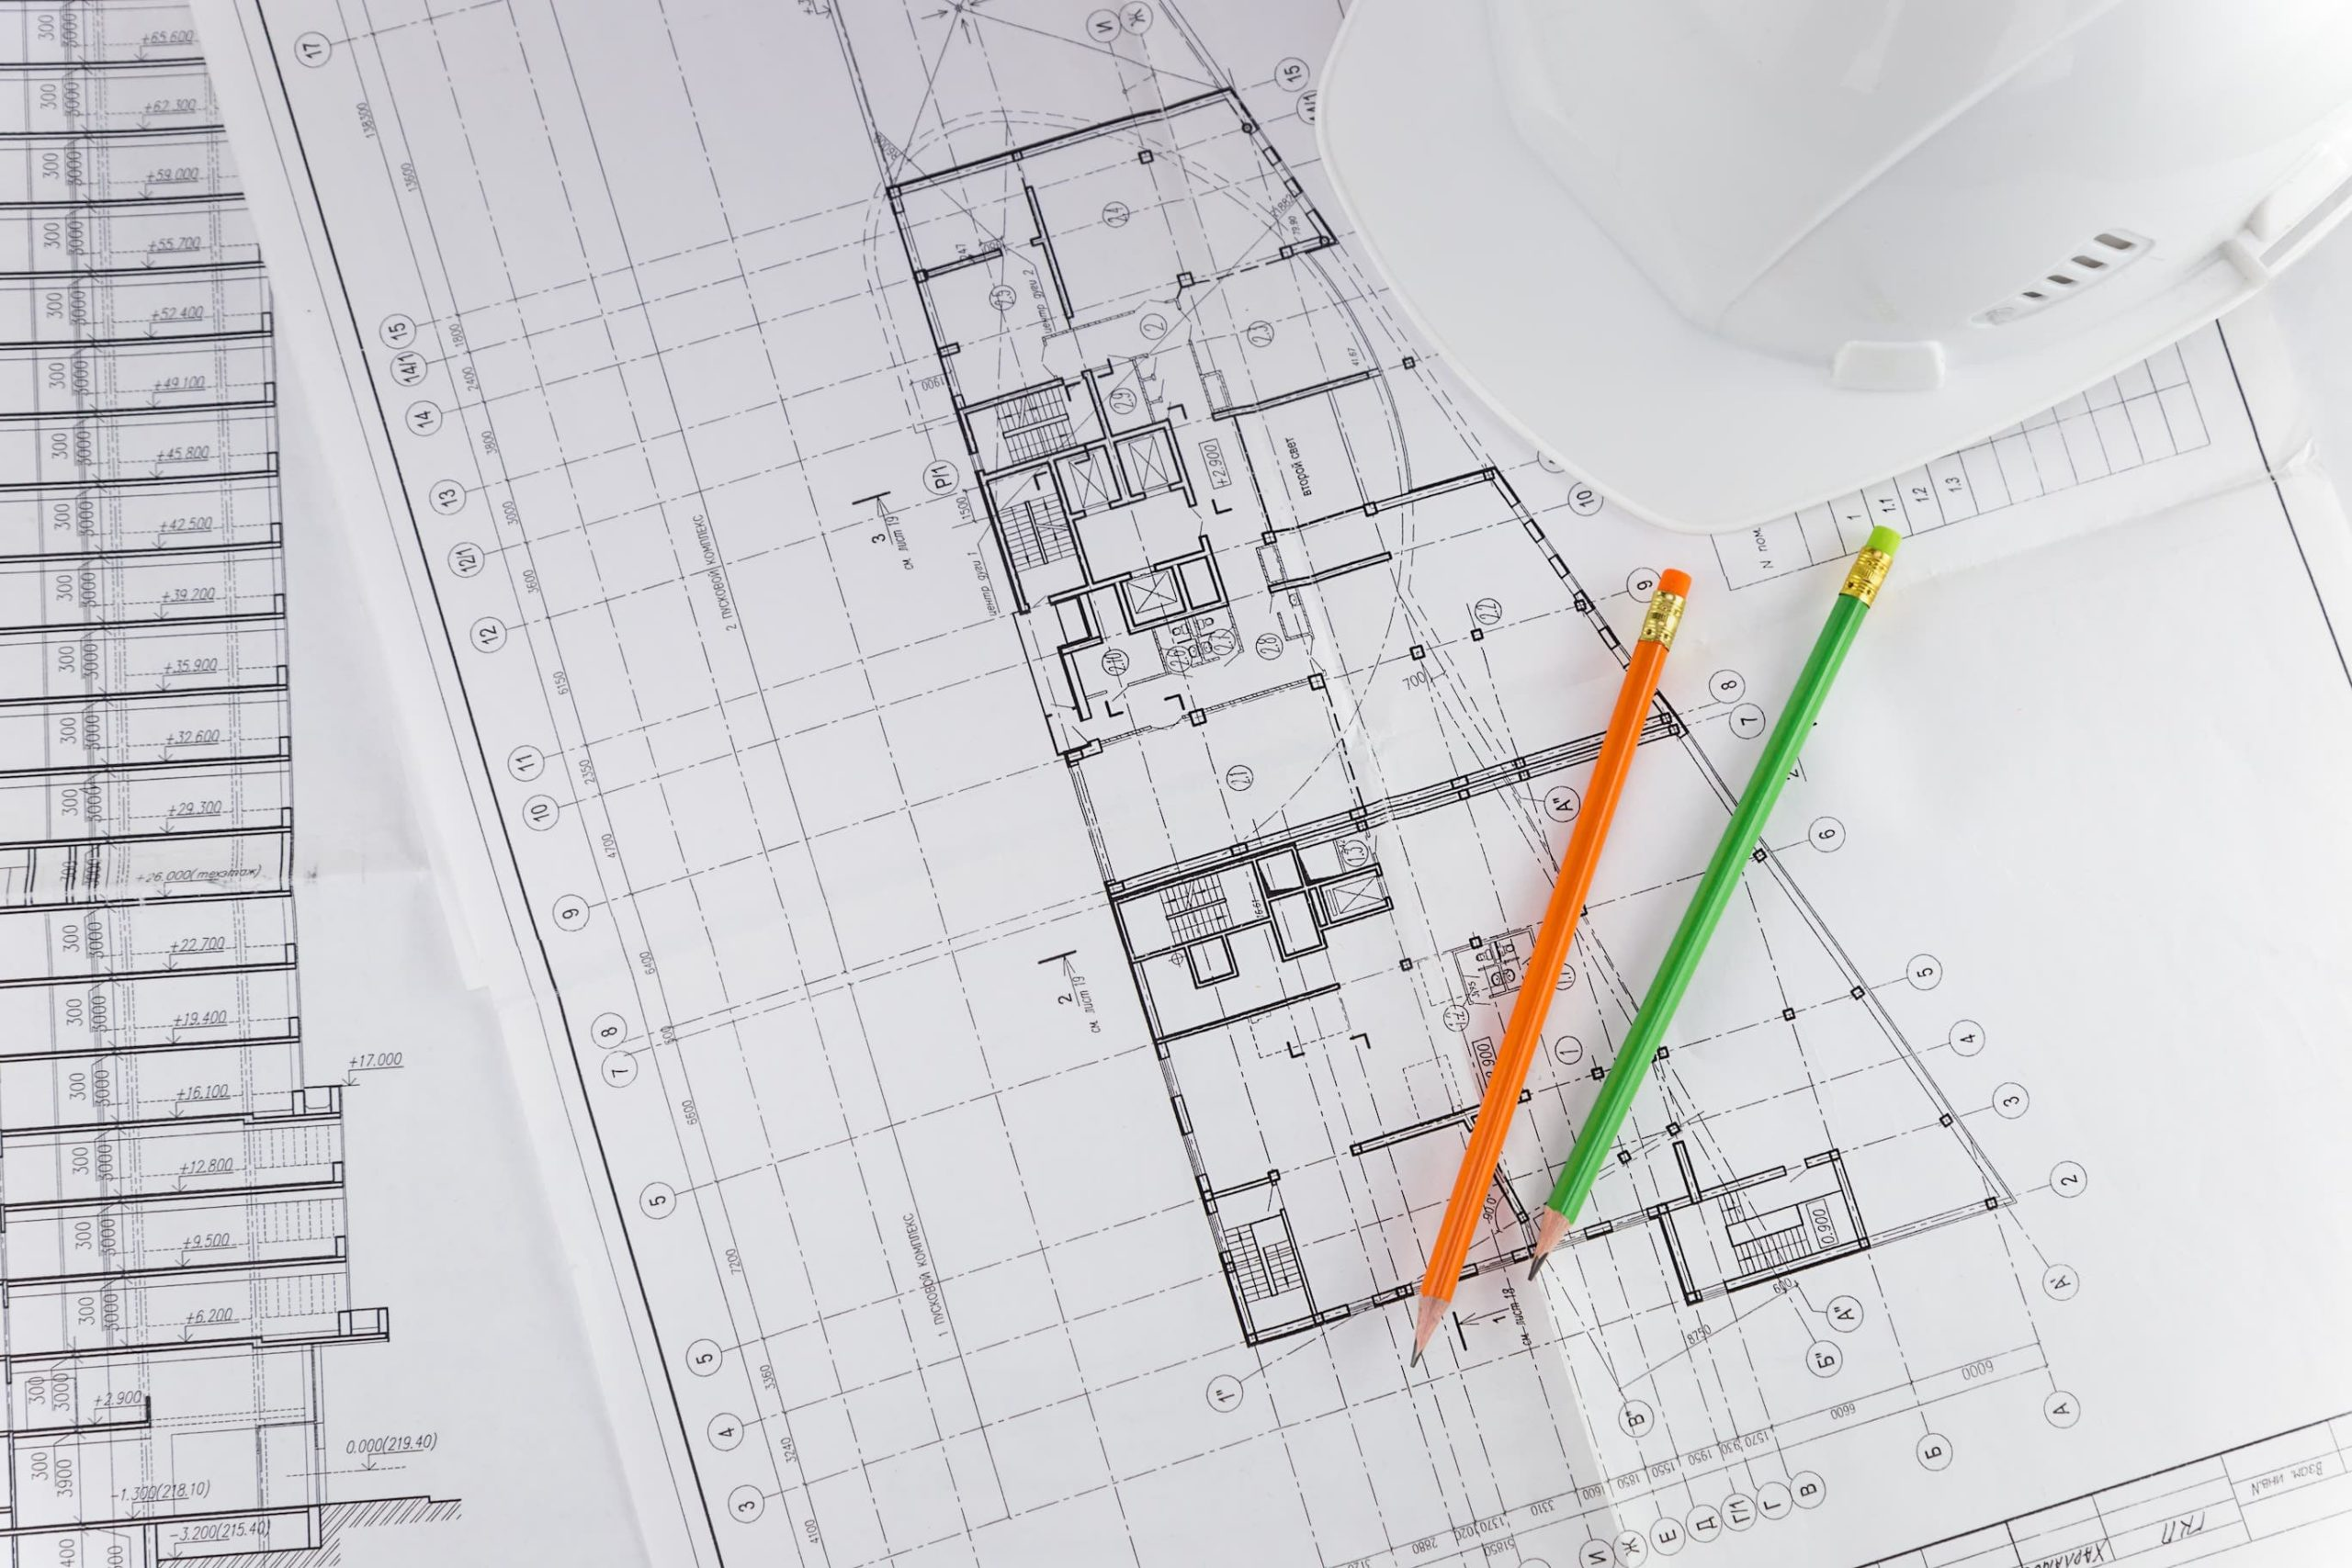 Plan de masse architecte batiment caswue chantier